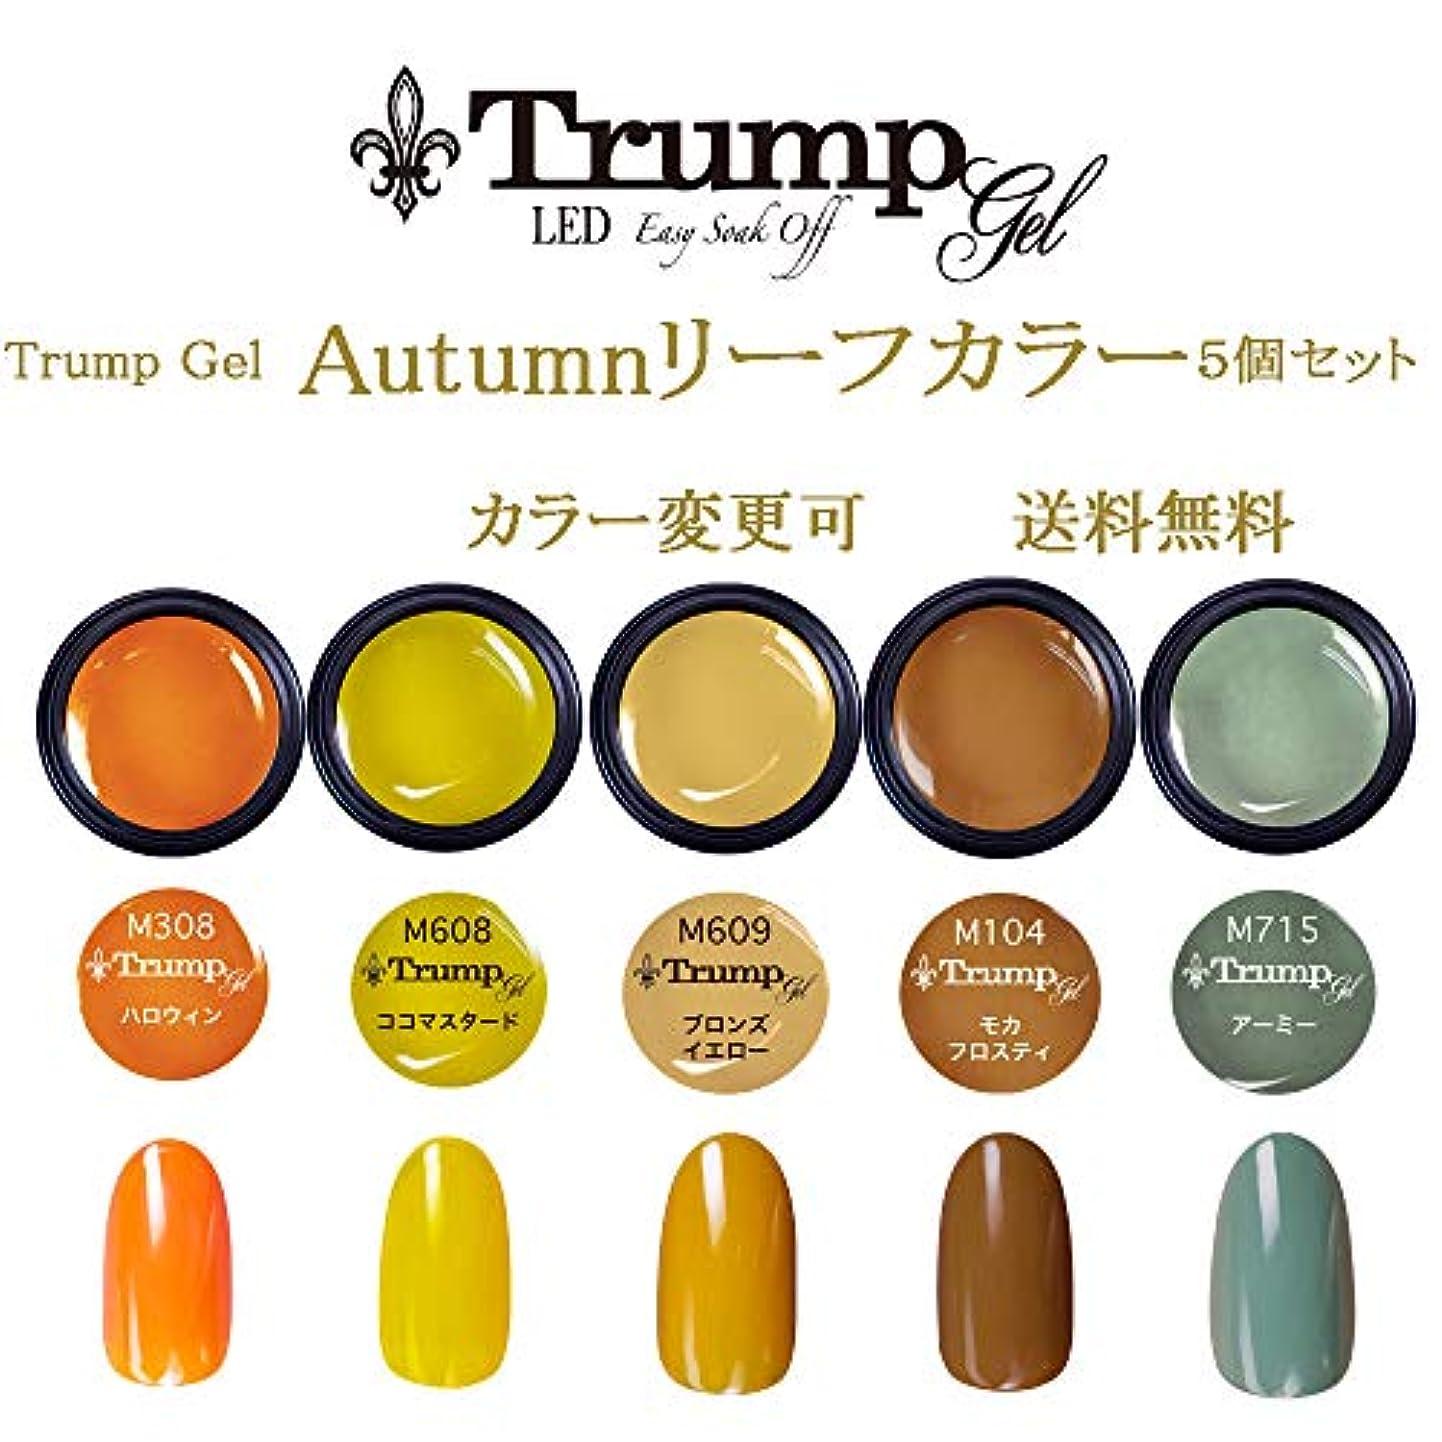 ディベートアニメーション以降【送料無料】日本製 Trump gel トランプジェル オータムリーフカラー 選べる カラージェル 5個セット オータムネイル ベージュ ブラウン マスタード カラー